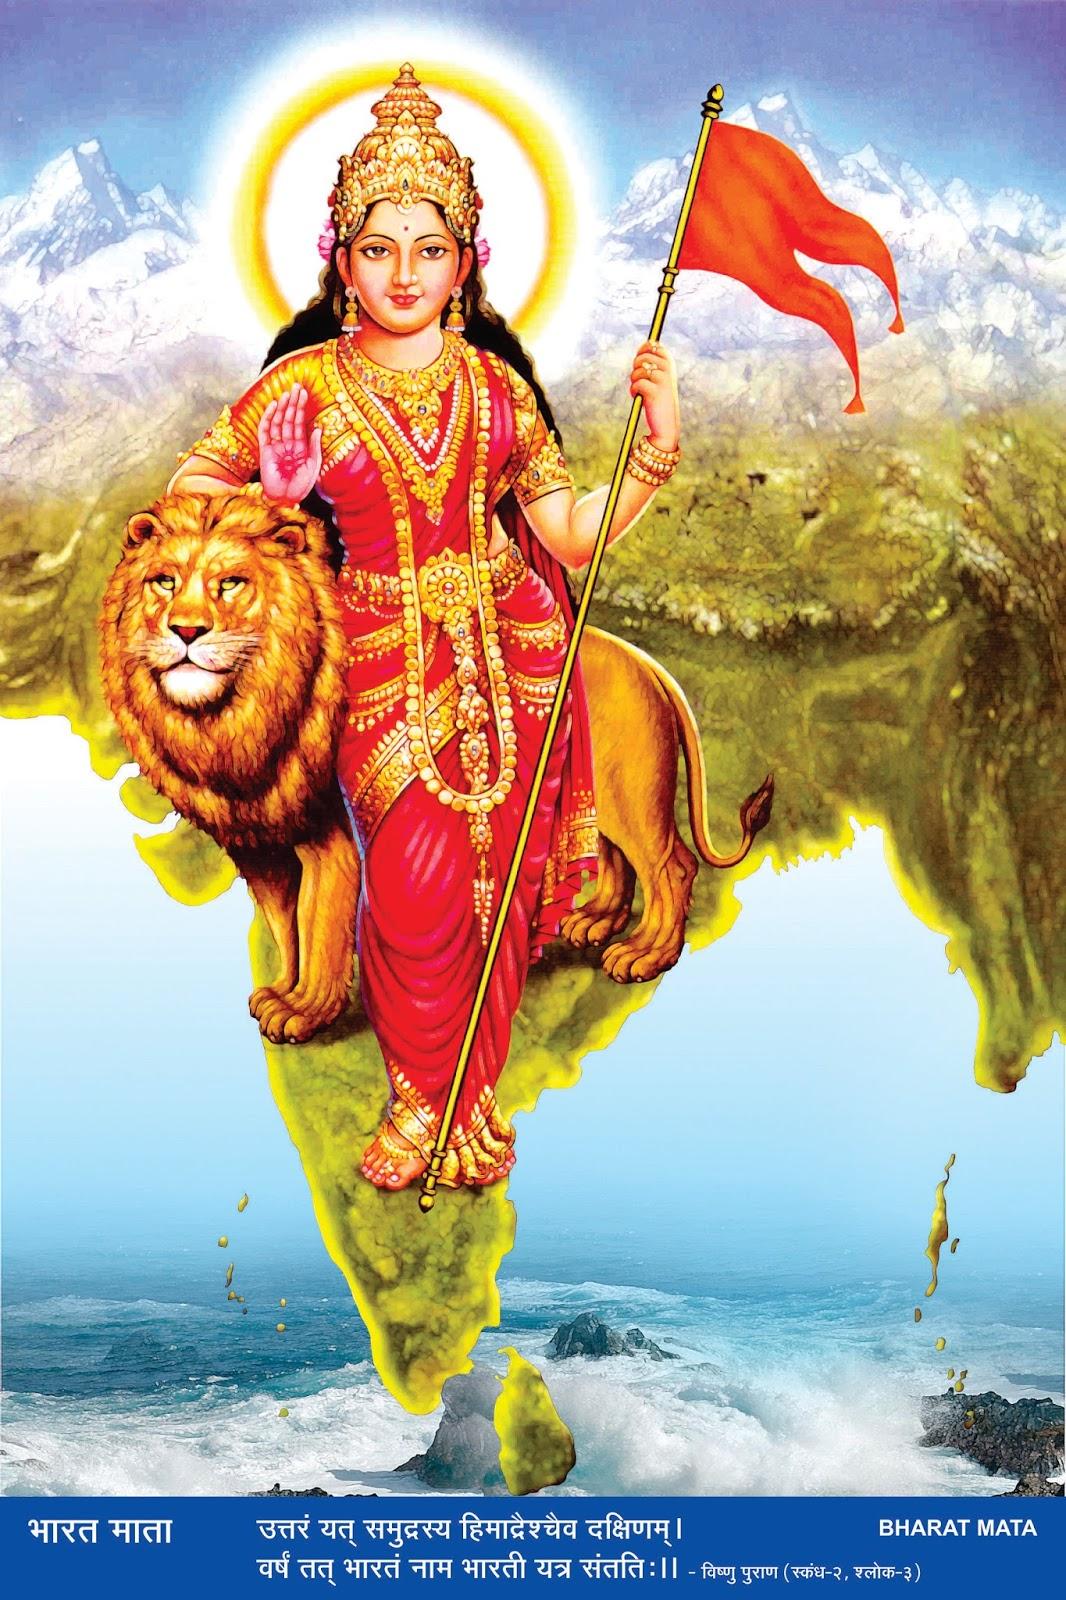 bharath matha ki jai song meaning